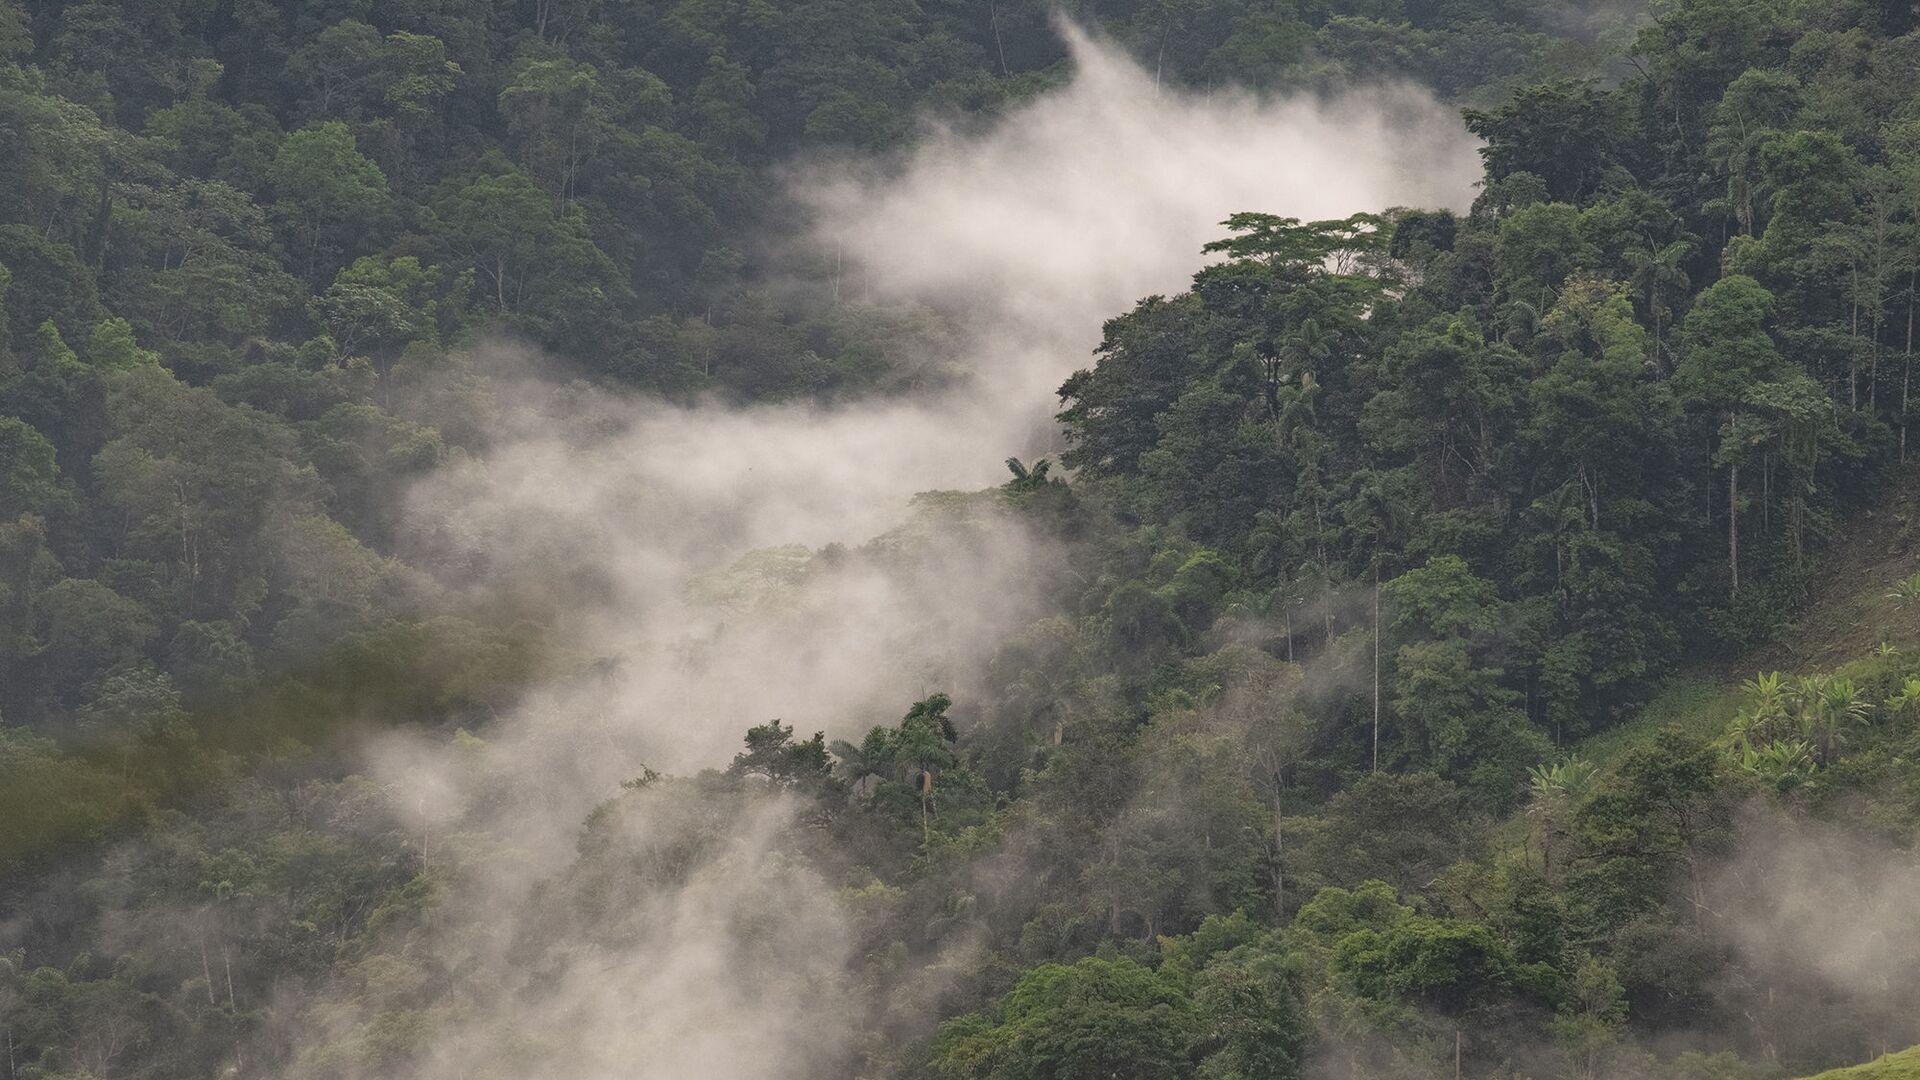 Neblina en los bosques del tapón del Darién - Sputnik Mundo, 1920, 15.04.2021